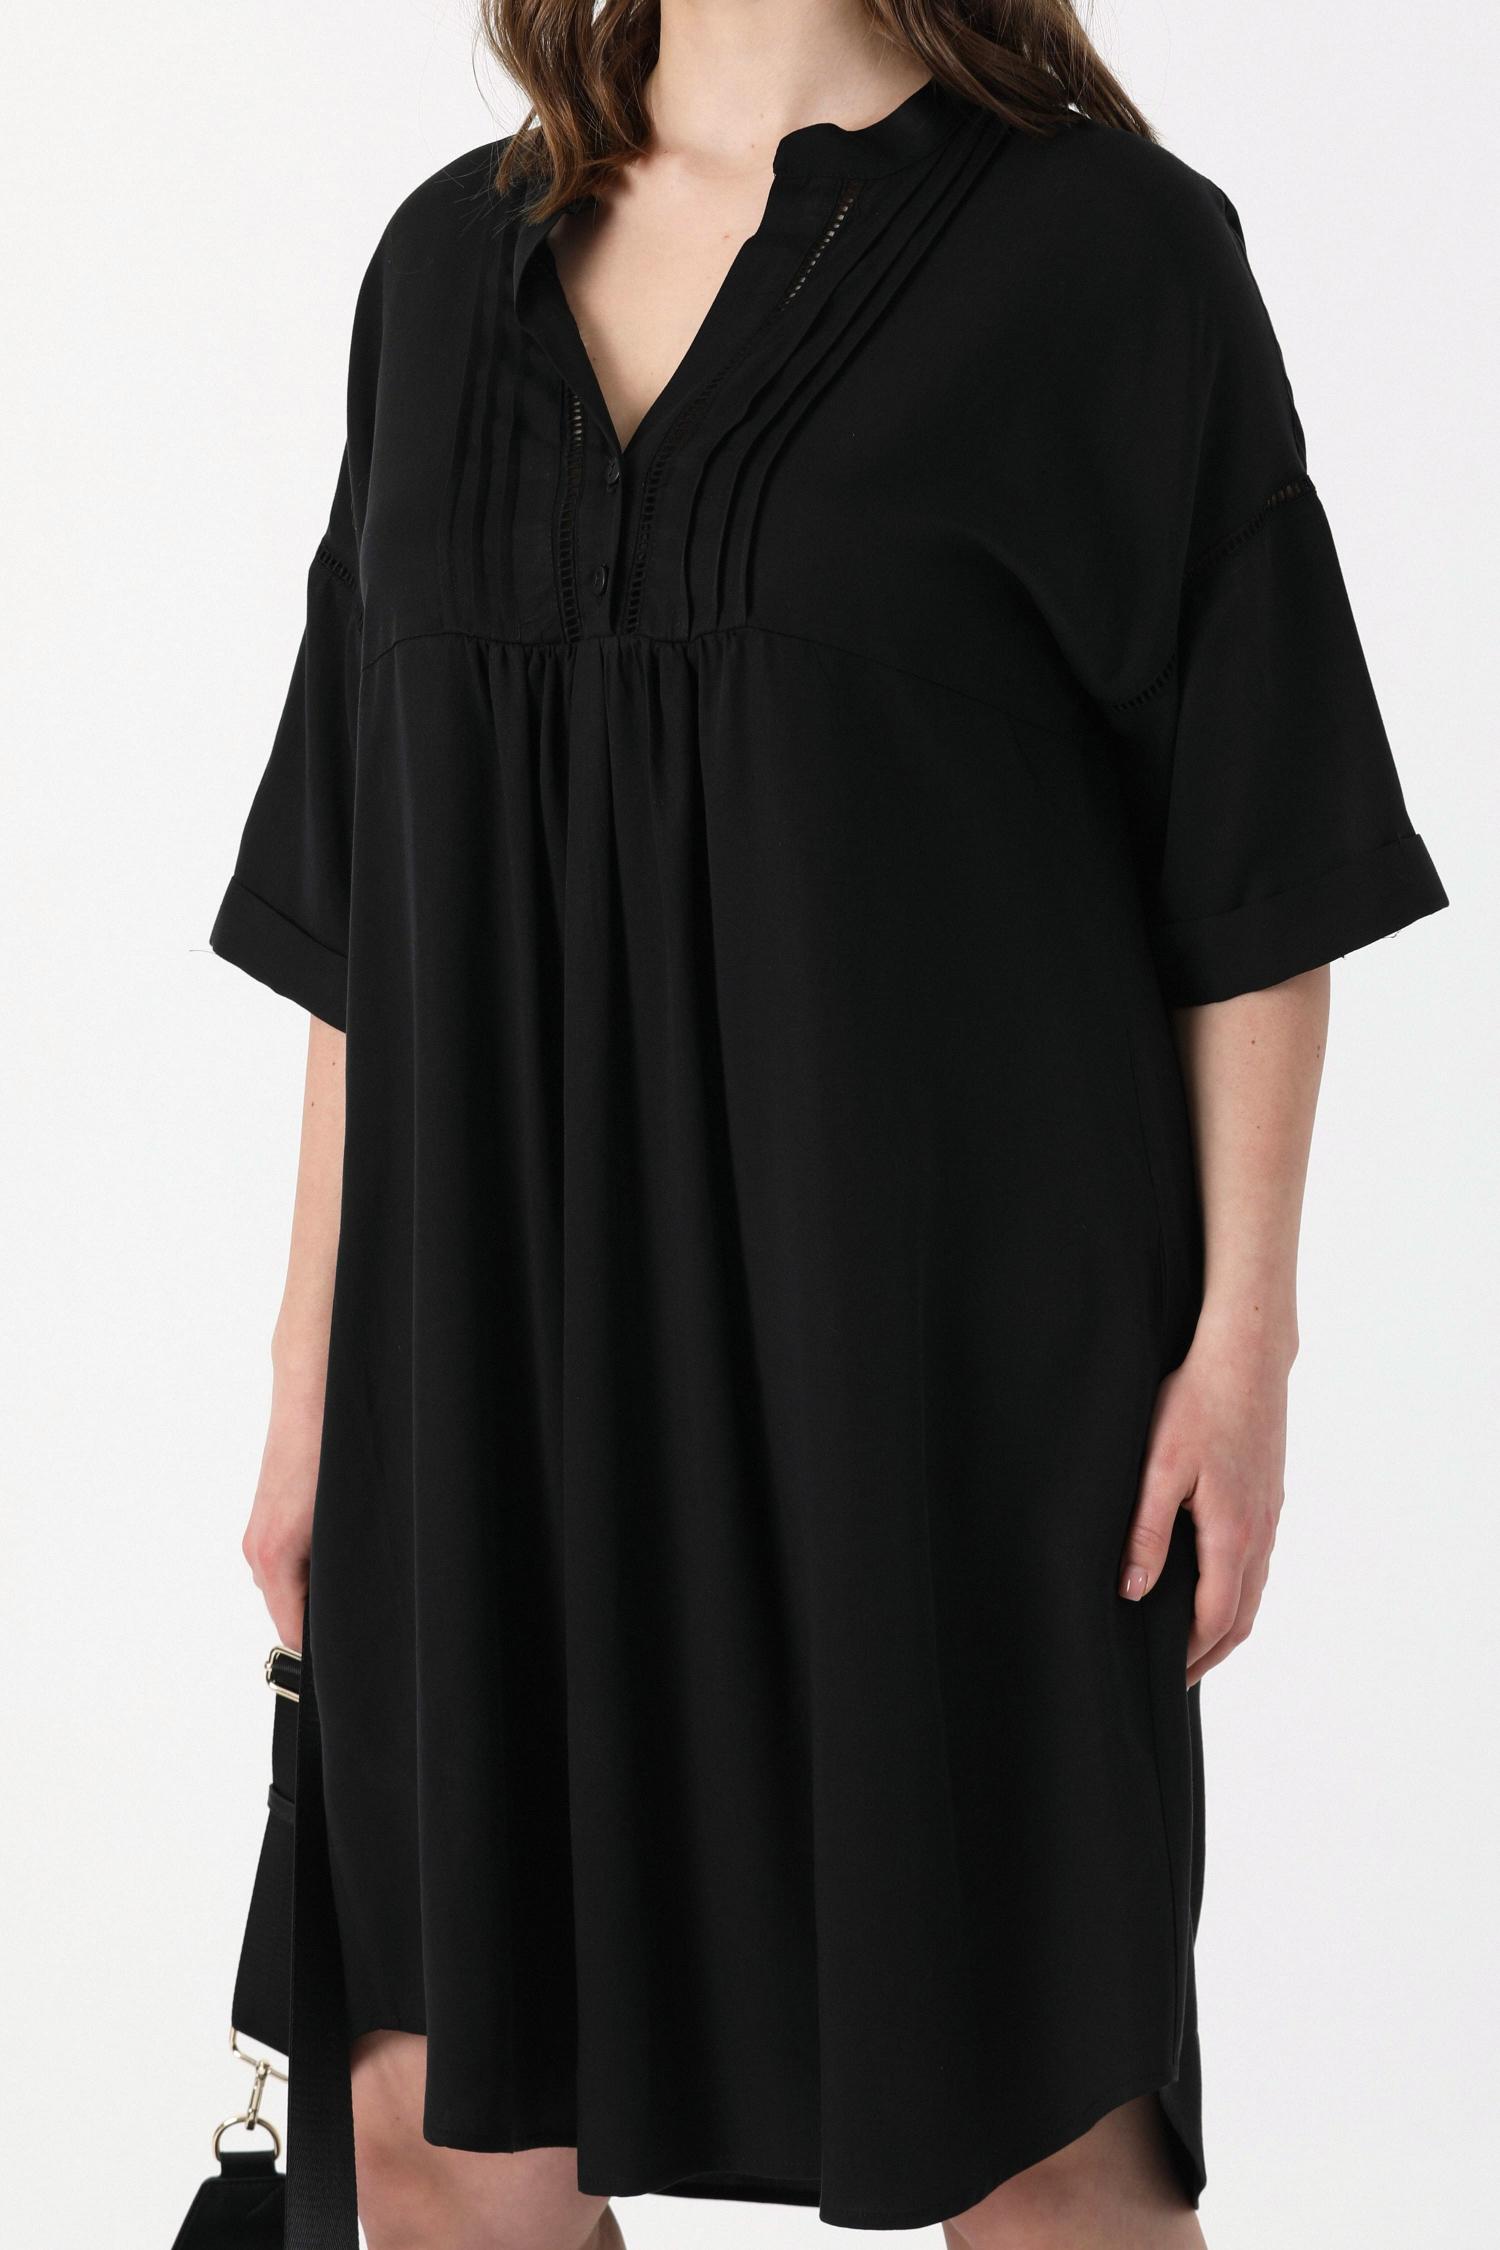 Tencel dress with braid